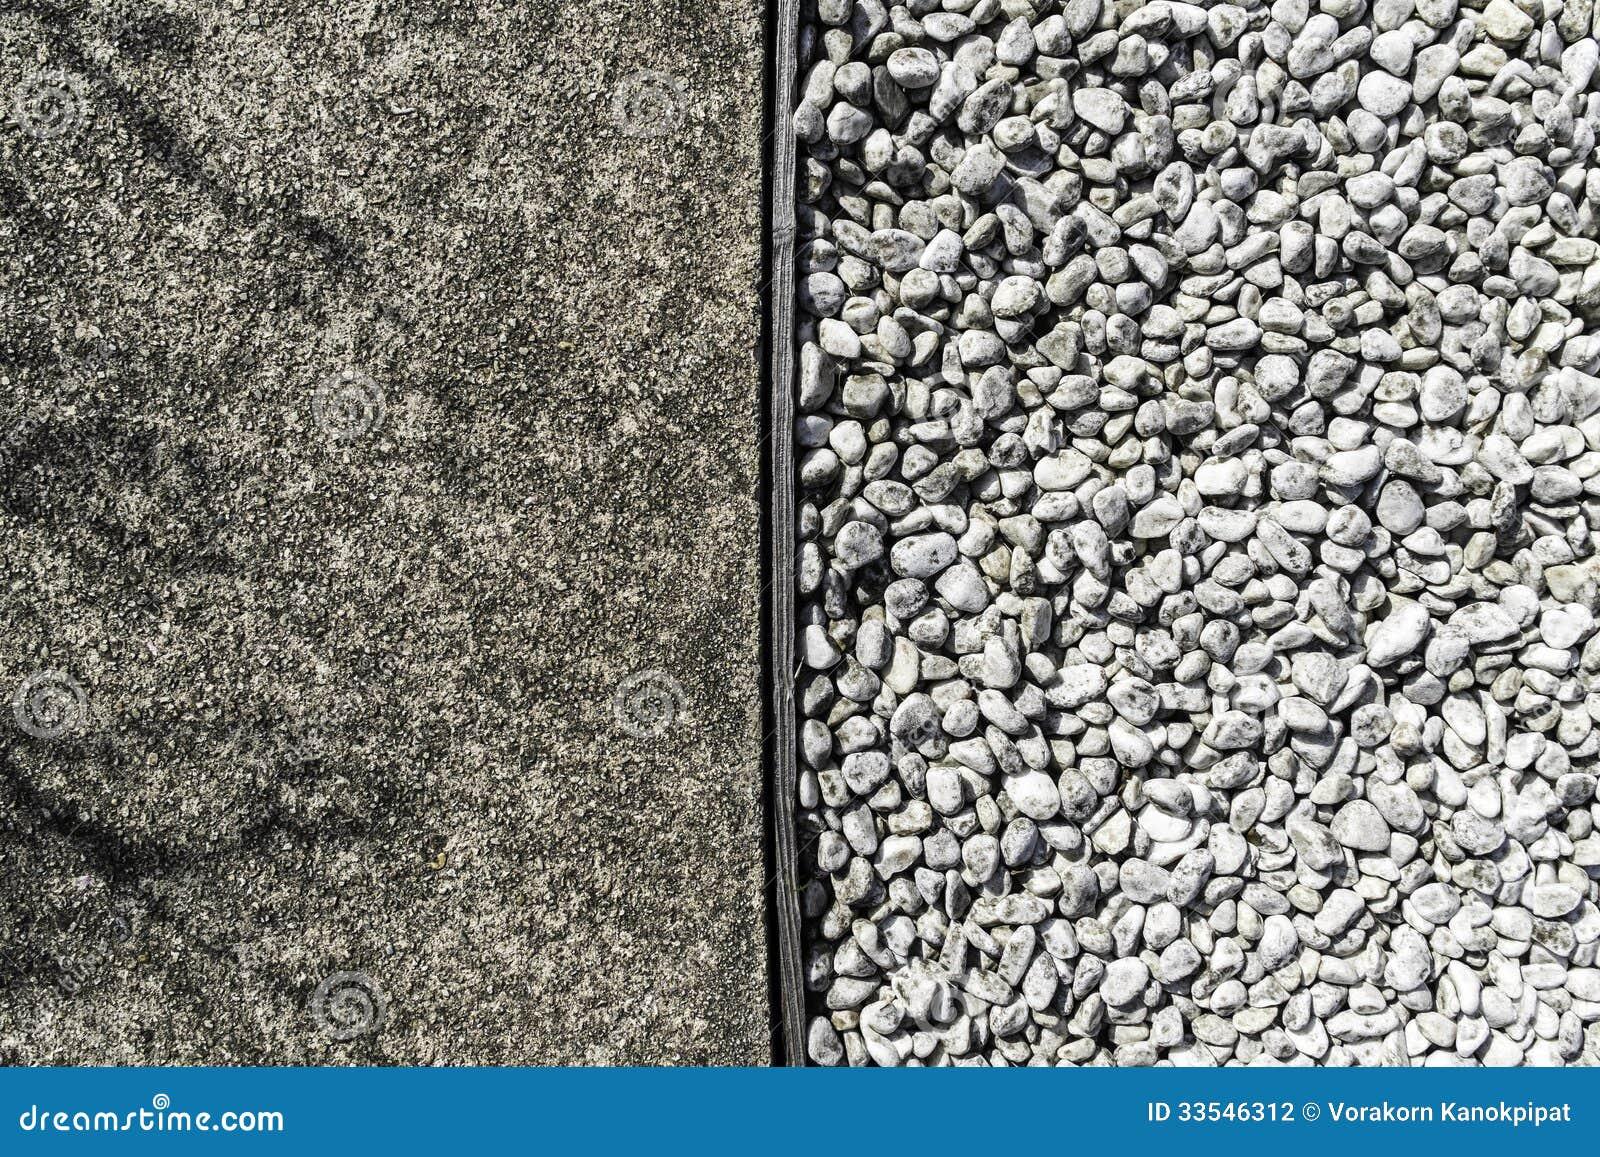 ciment rugueux de texture et pierre blanche photographie stock image 33546312. Black Bedroom Furniture Sets. Home Design Ideas